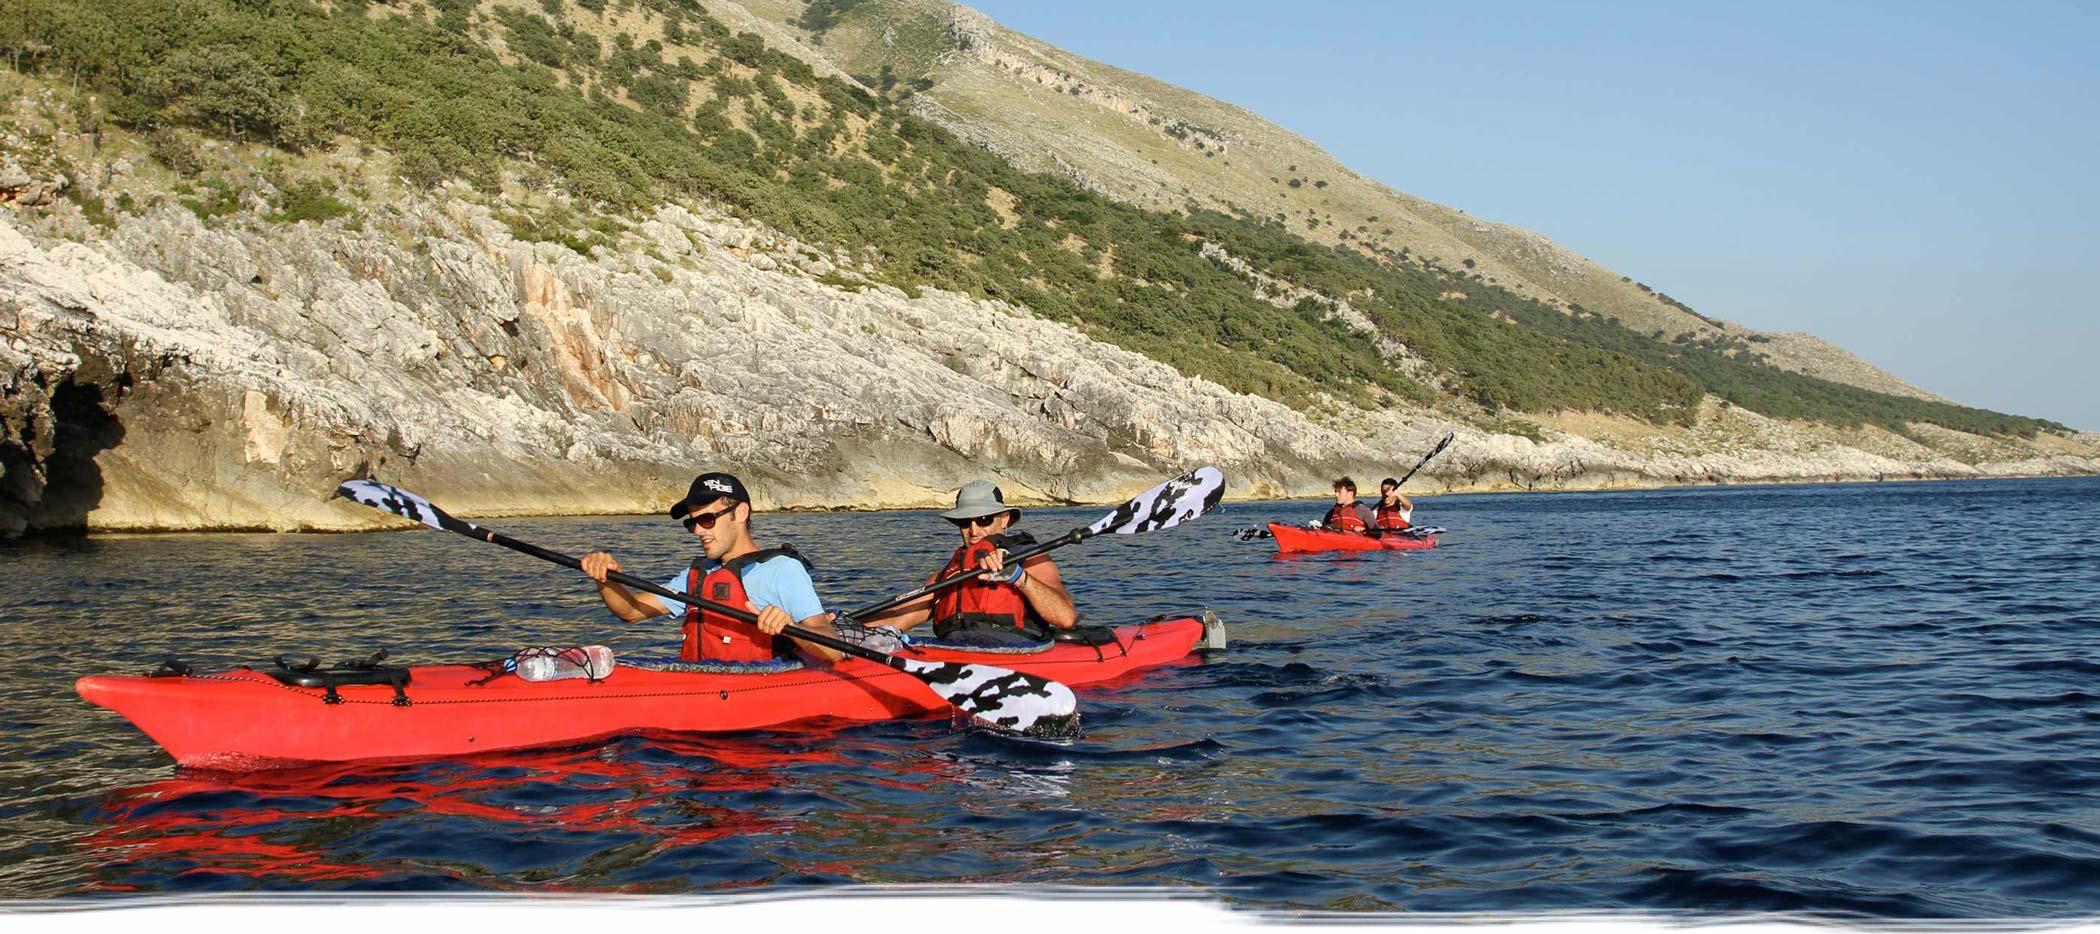 Sea-kayaking tours